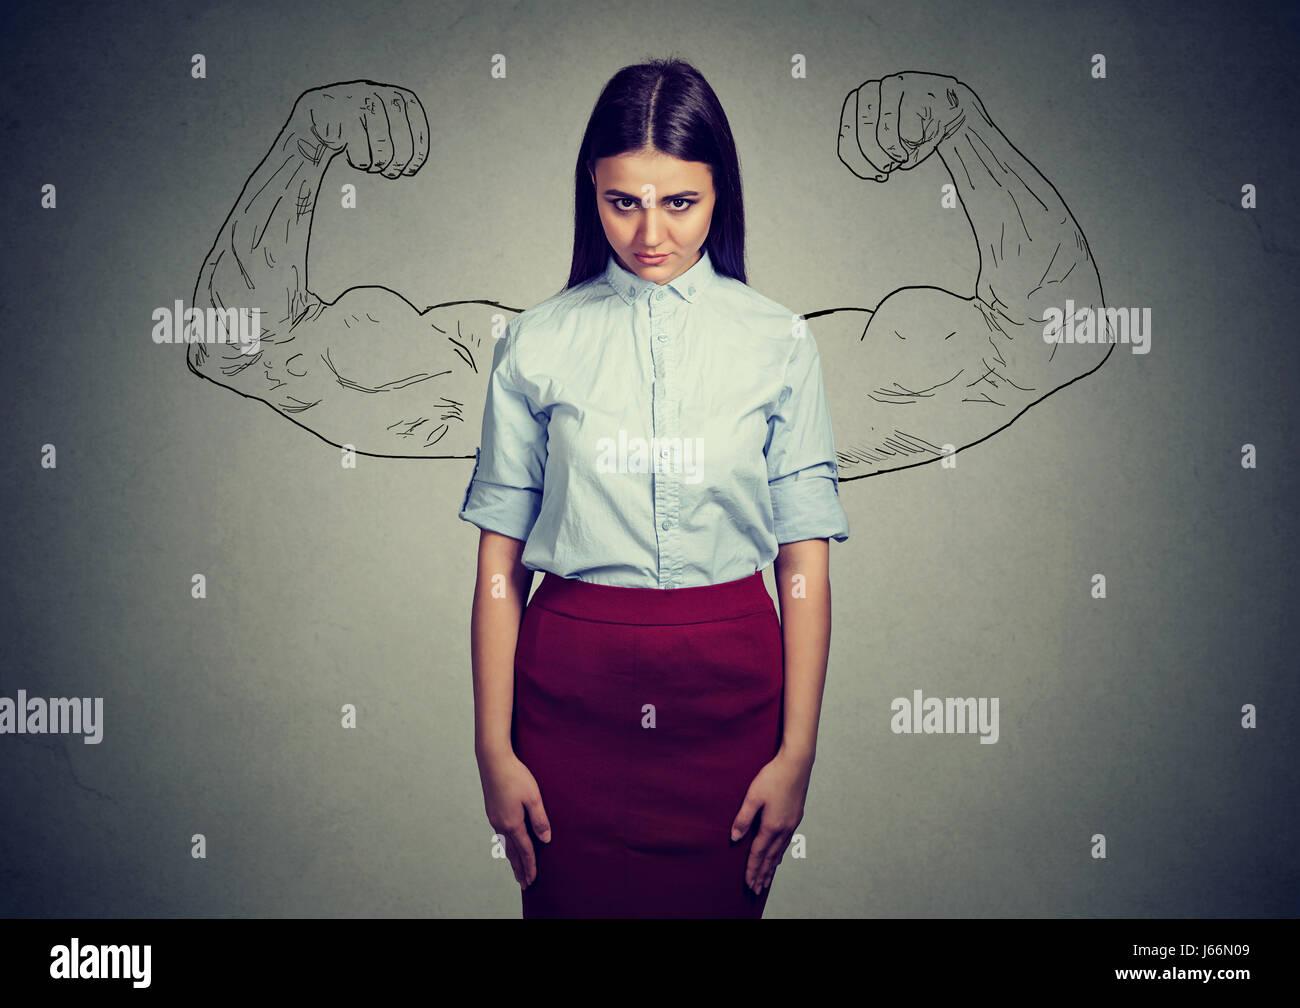 Chica poderosa realidad vs ambición ilusiones concepto. Triste mujer mirando a la cámara aislado sobre Imagen De Stock